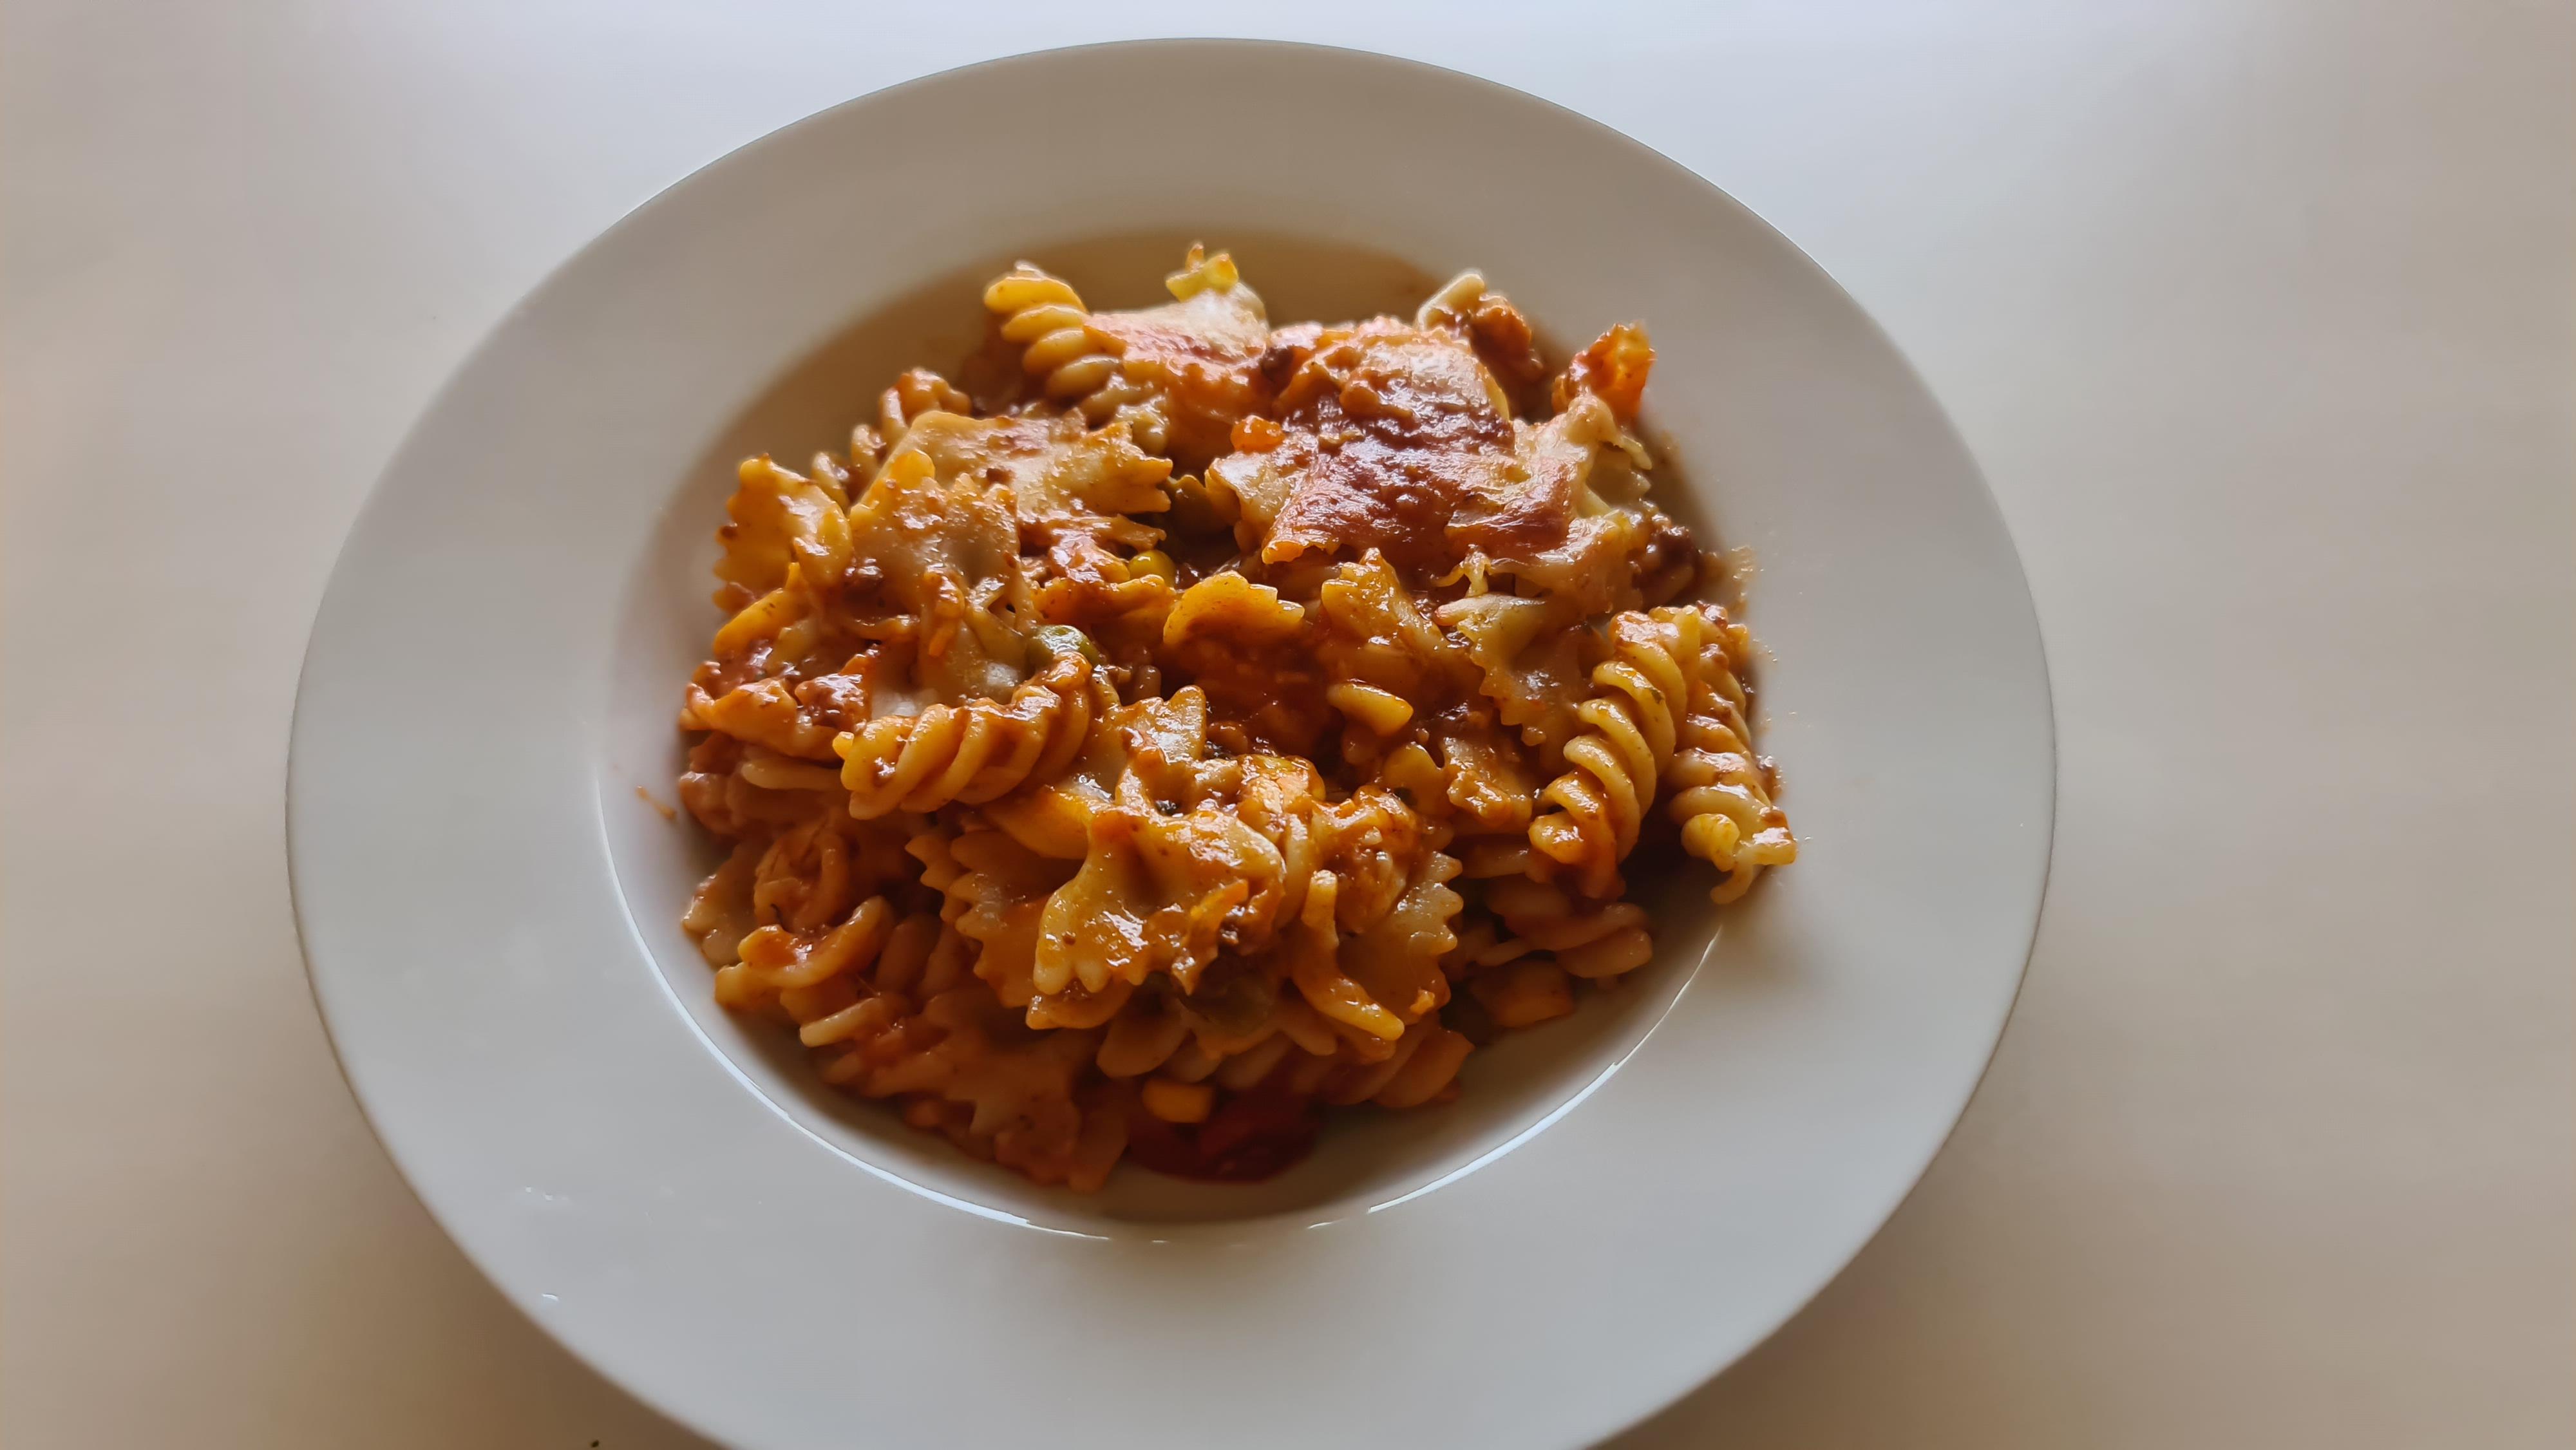 https://foodloader.net/Holz_2020-04-29_Nudelauflauf_2.jpg